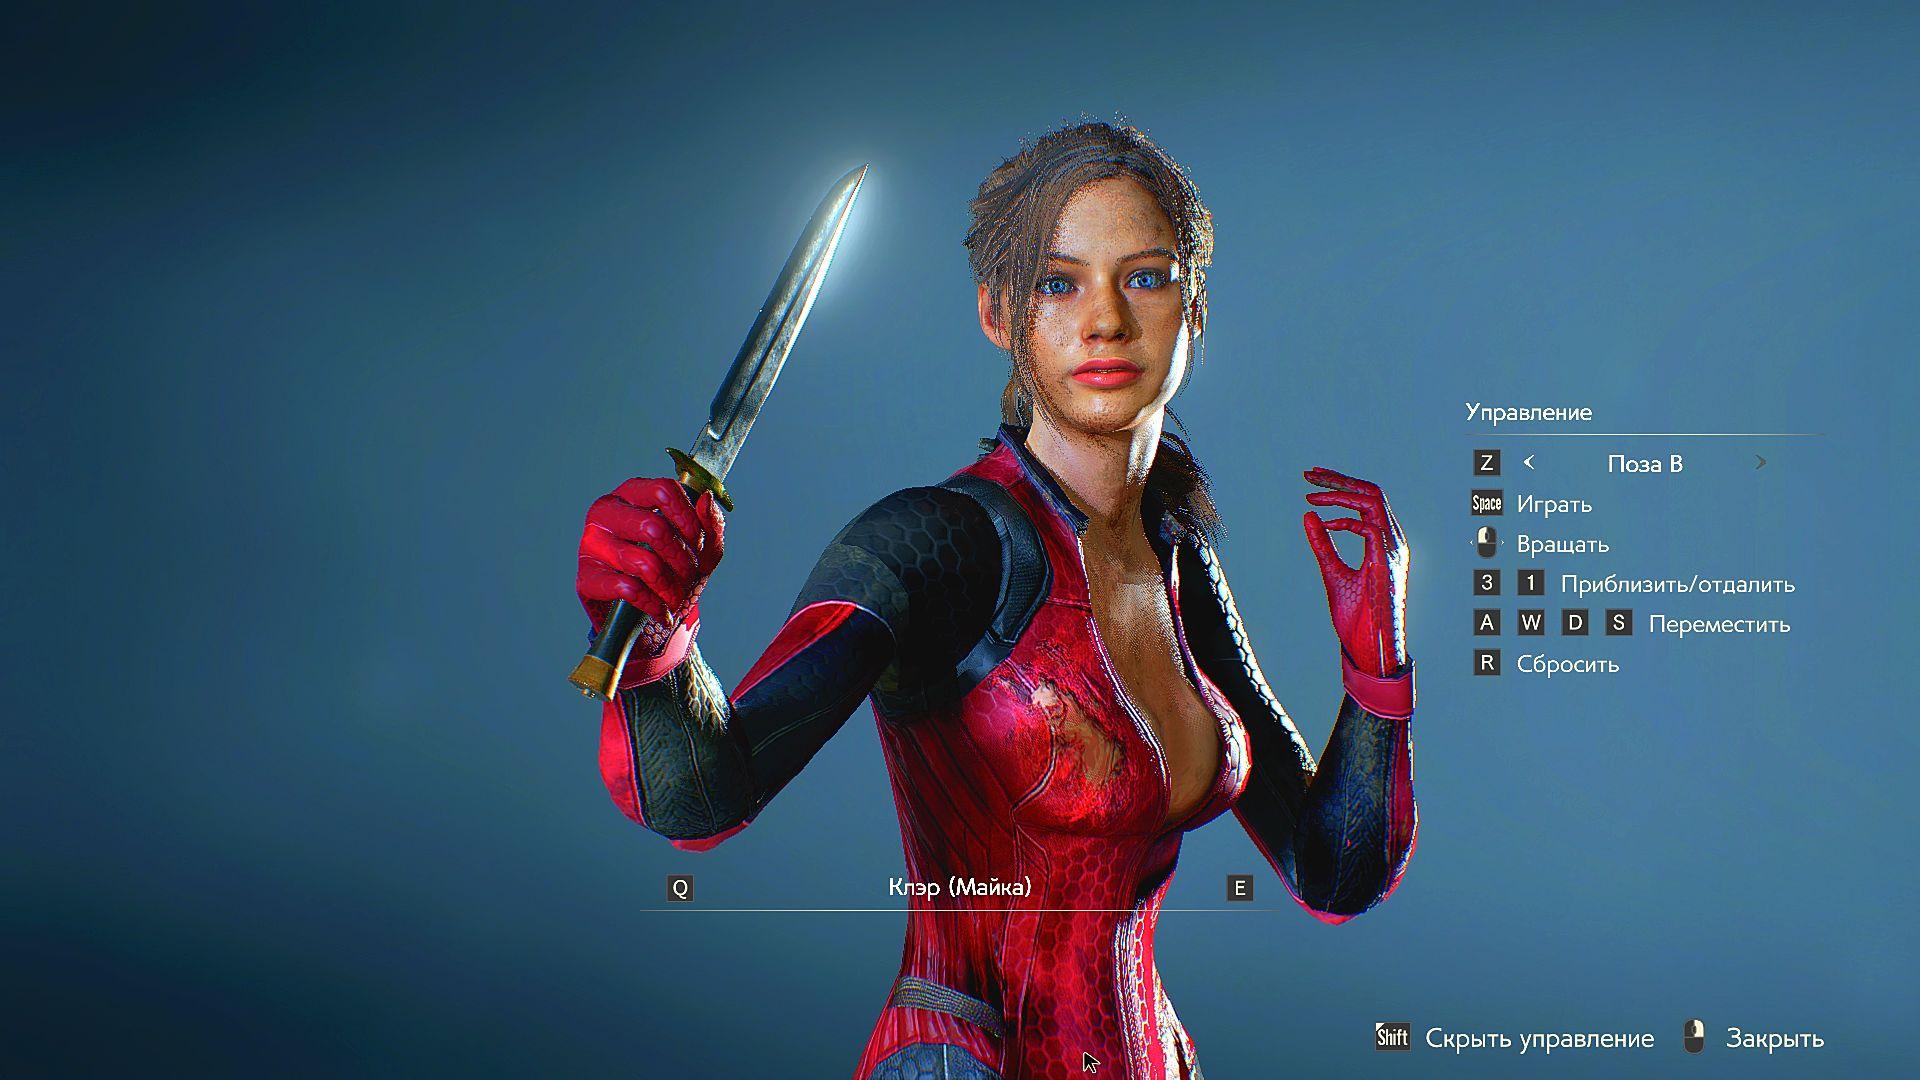 000786.Jpg - Resident Evil 2